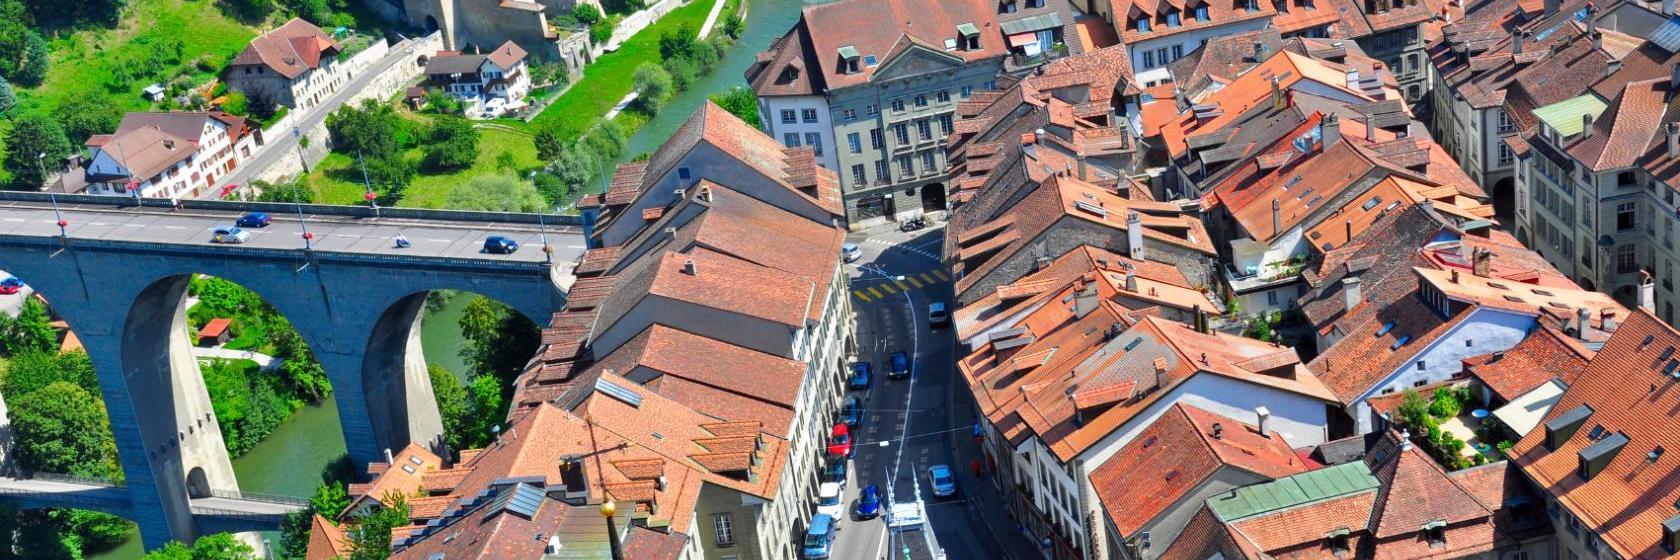 Die 6 besten Hotels in Freiburg im Üechtland, Schweiz (Ab € 63)